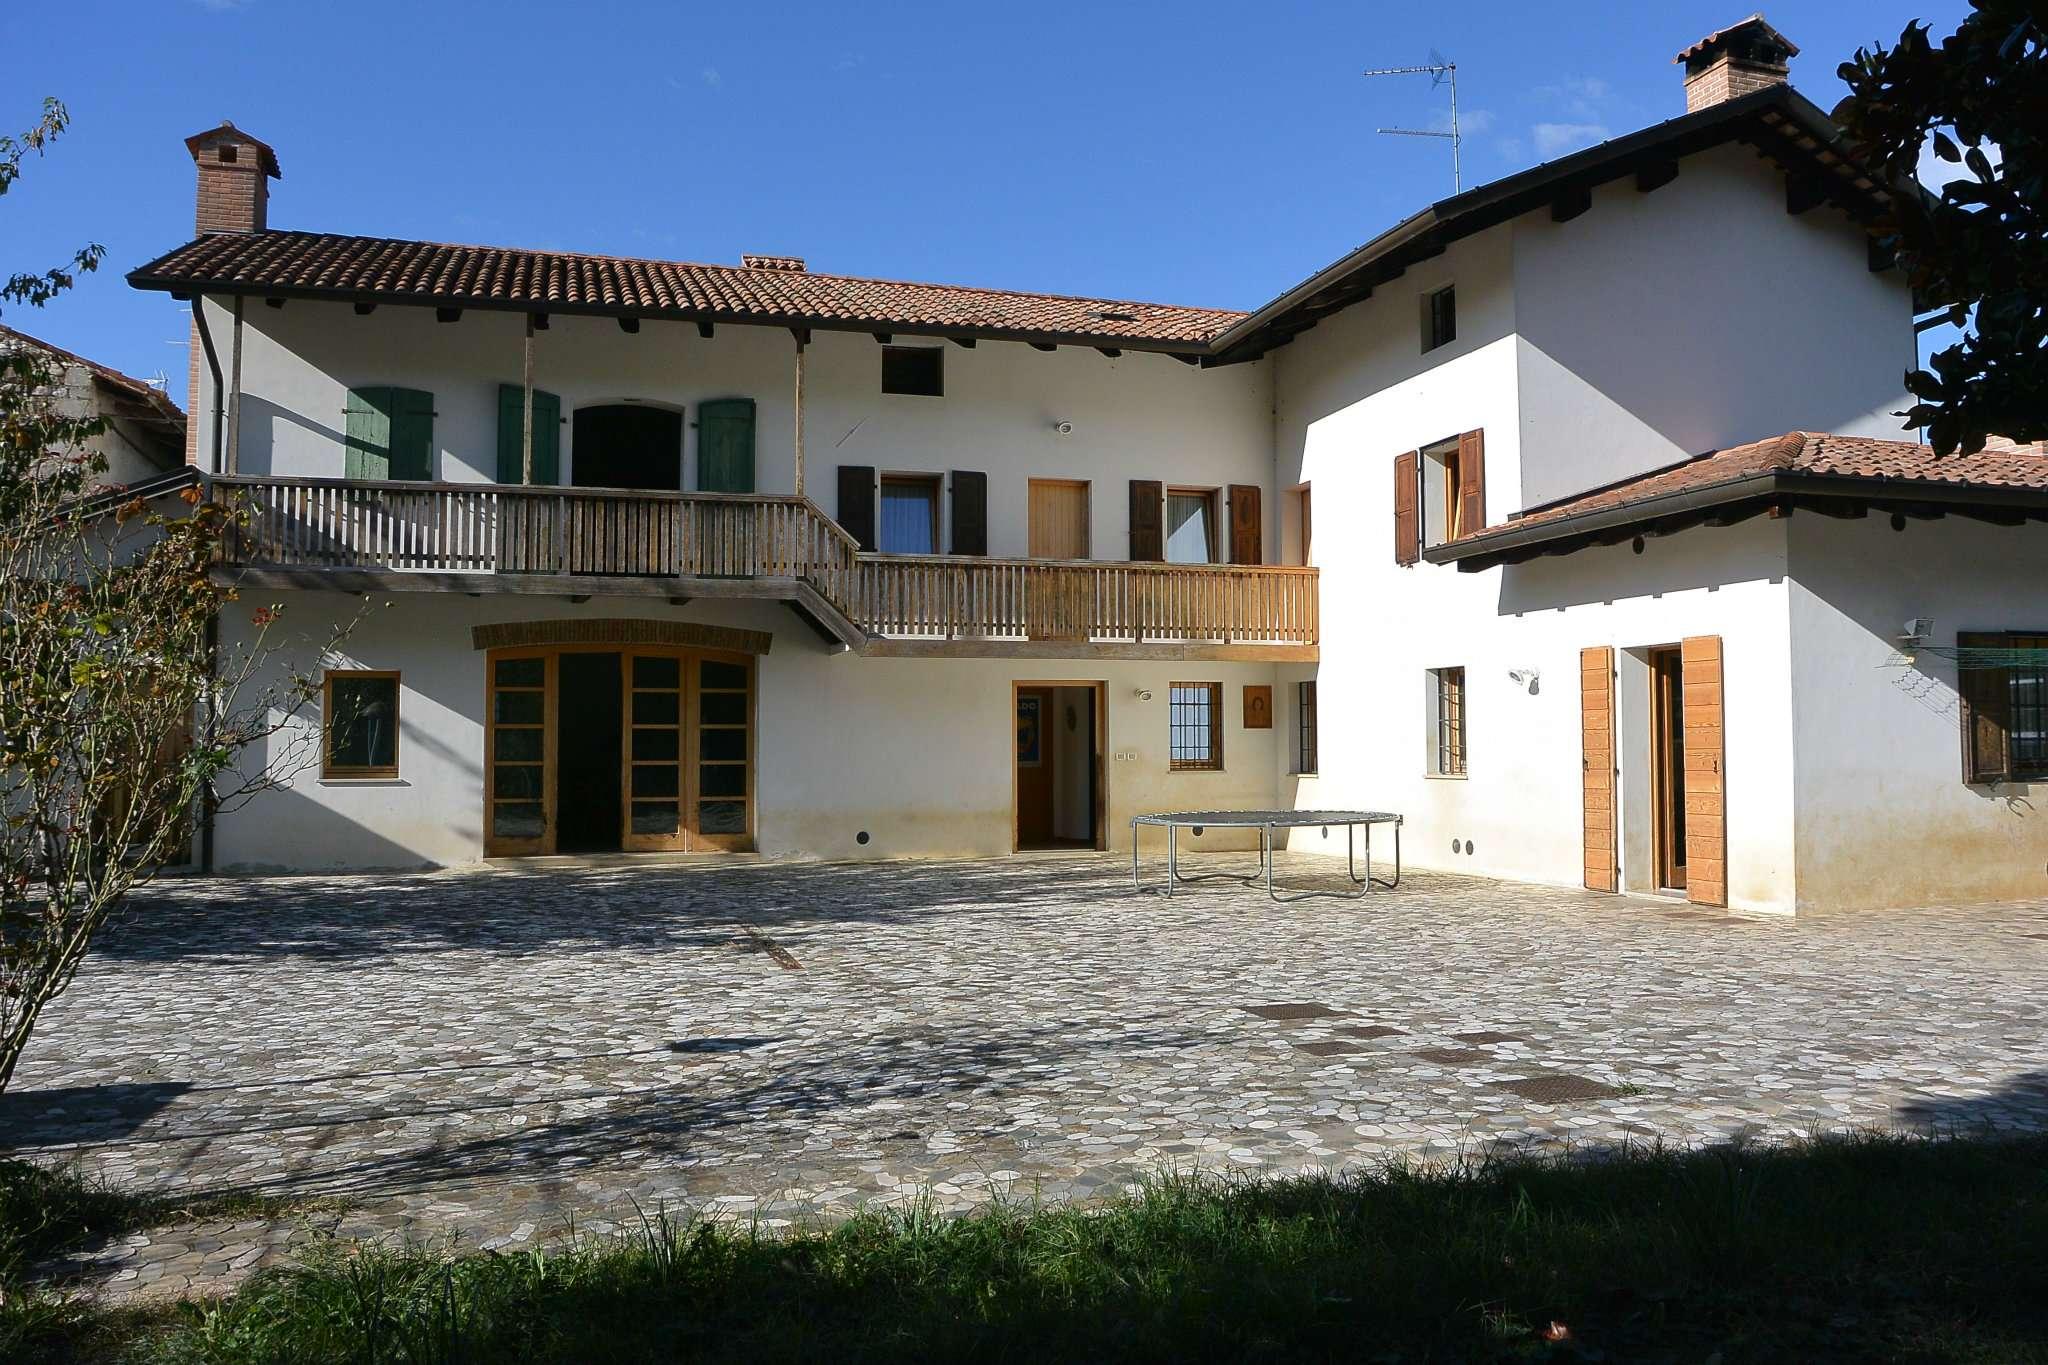 Soluzione Indipendente in vendita a Cividale del Friuli, 6 locali, prezzo € 215.000 | CambioCasa.it